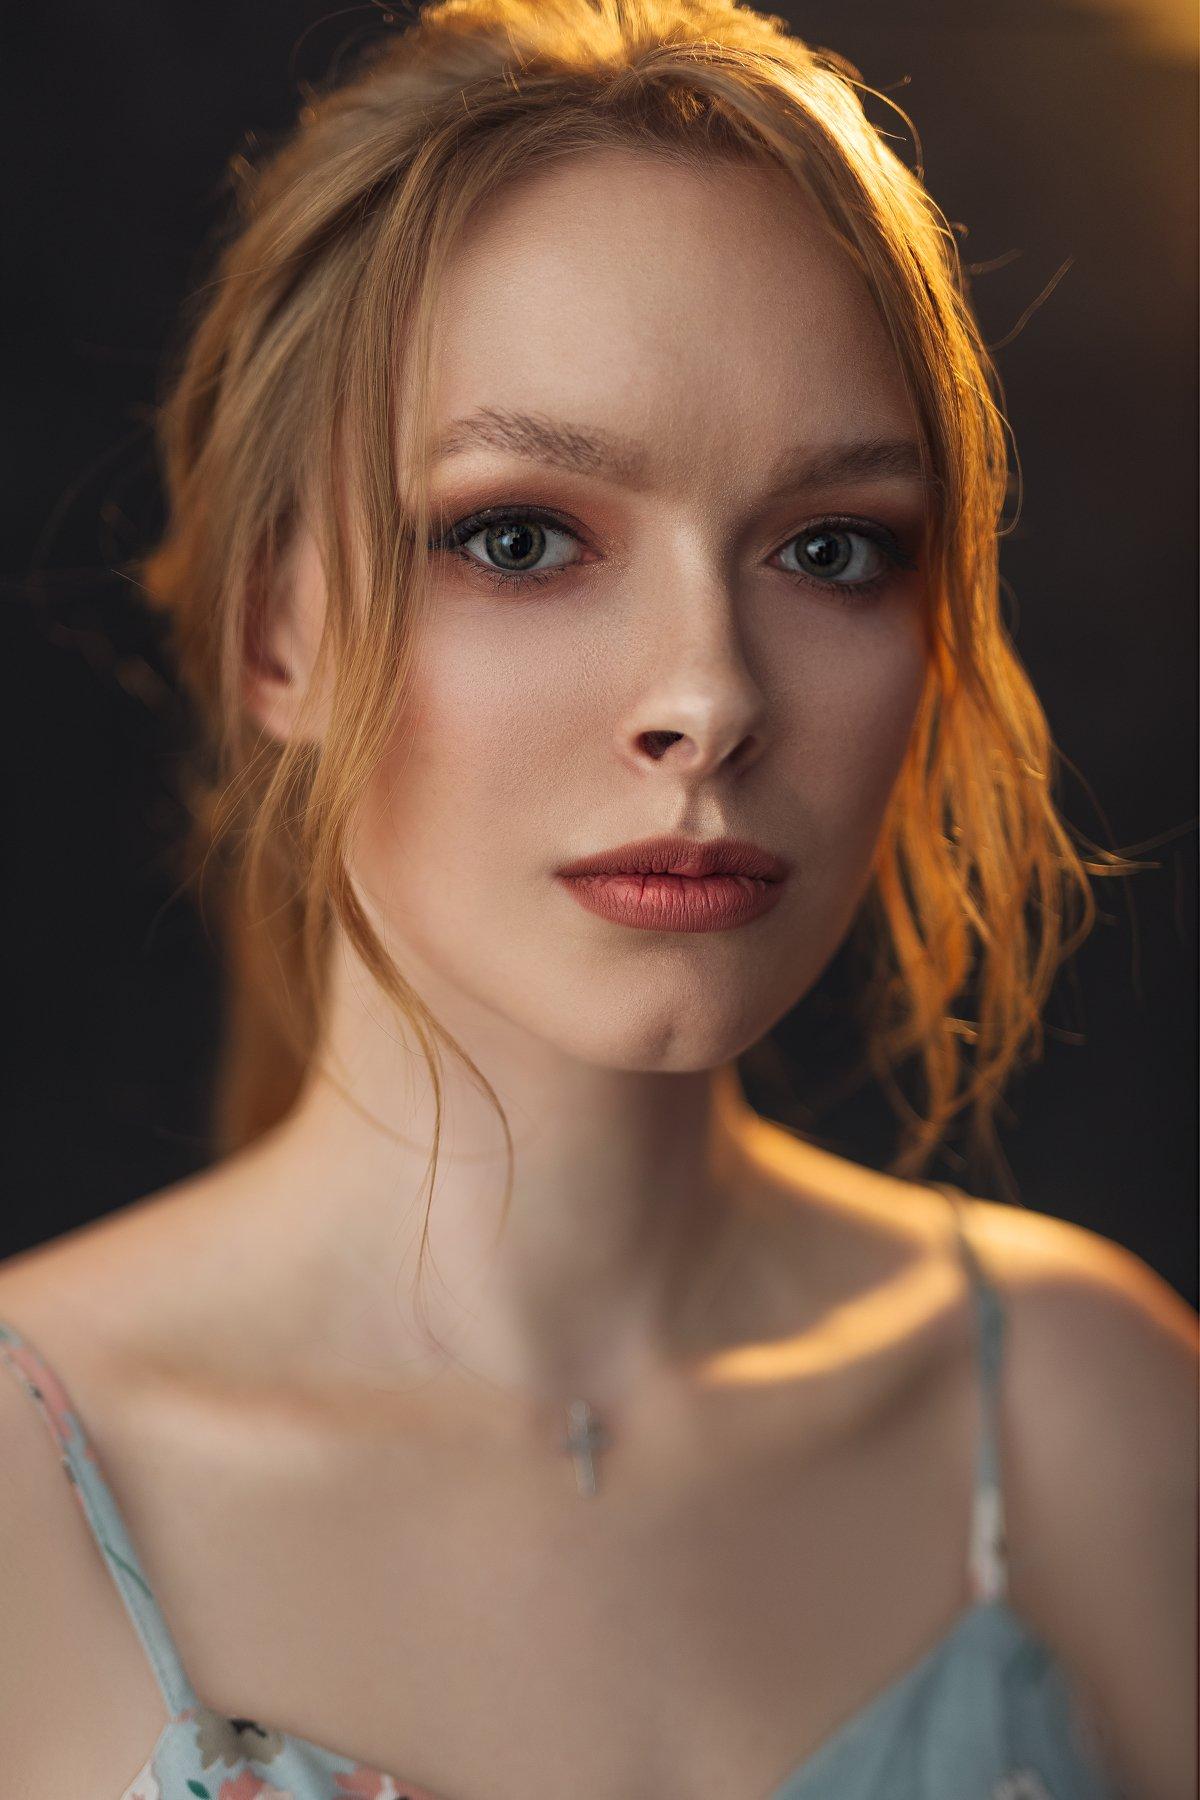 гламур, портрет, модель, арт, art, model, popular, Иван Лосев